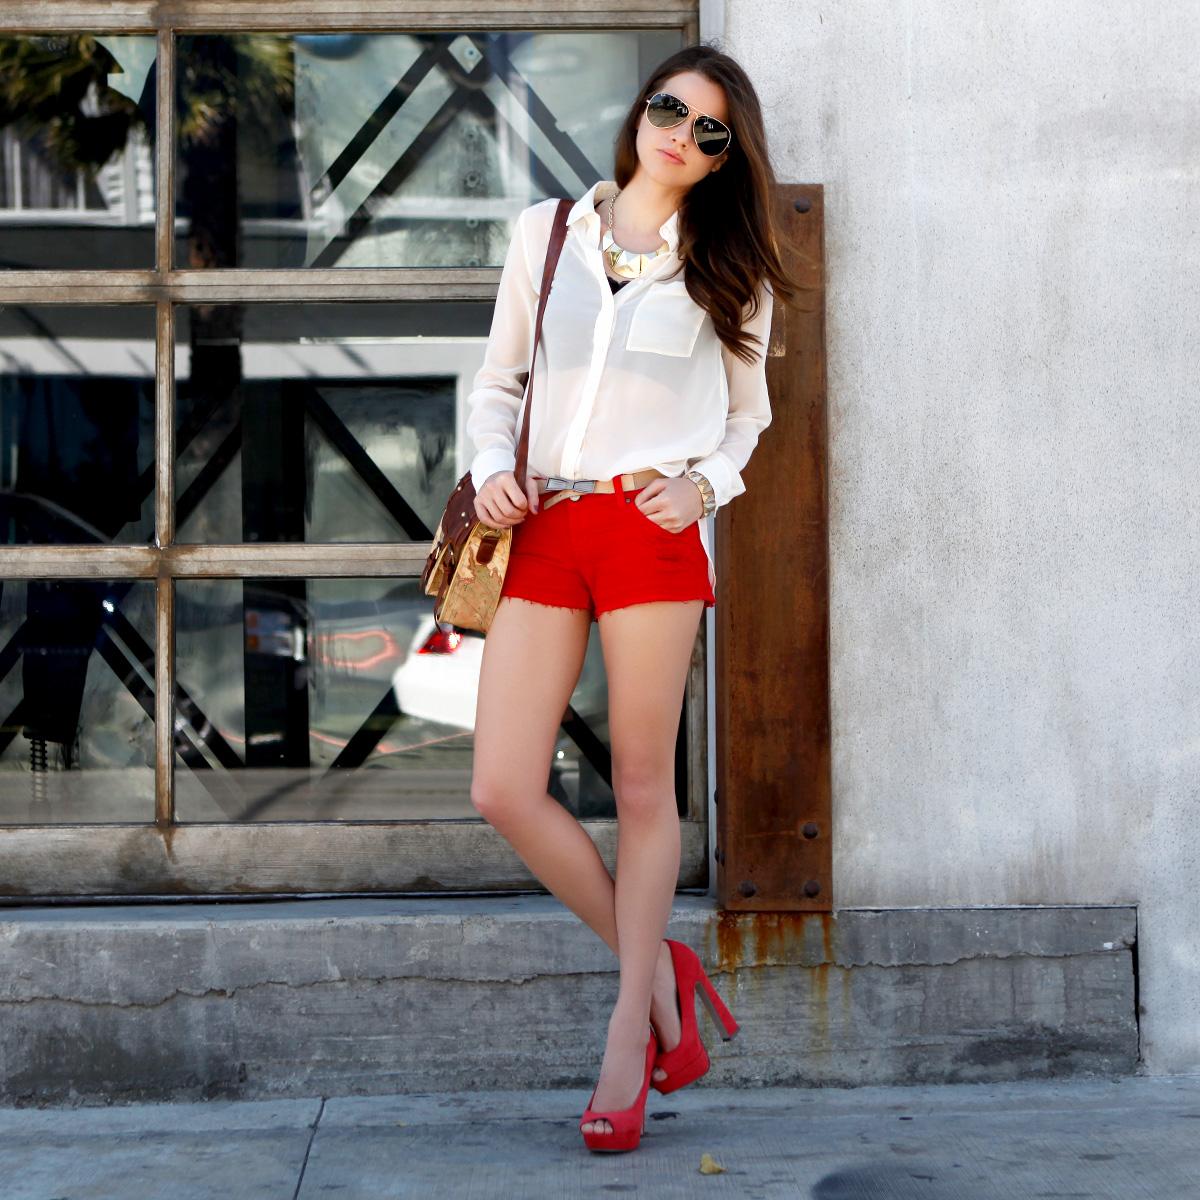 Красные босоножки с красными шортами и белой блузкой